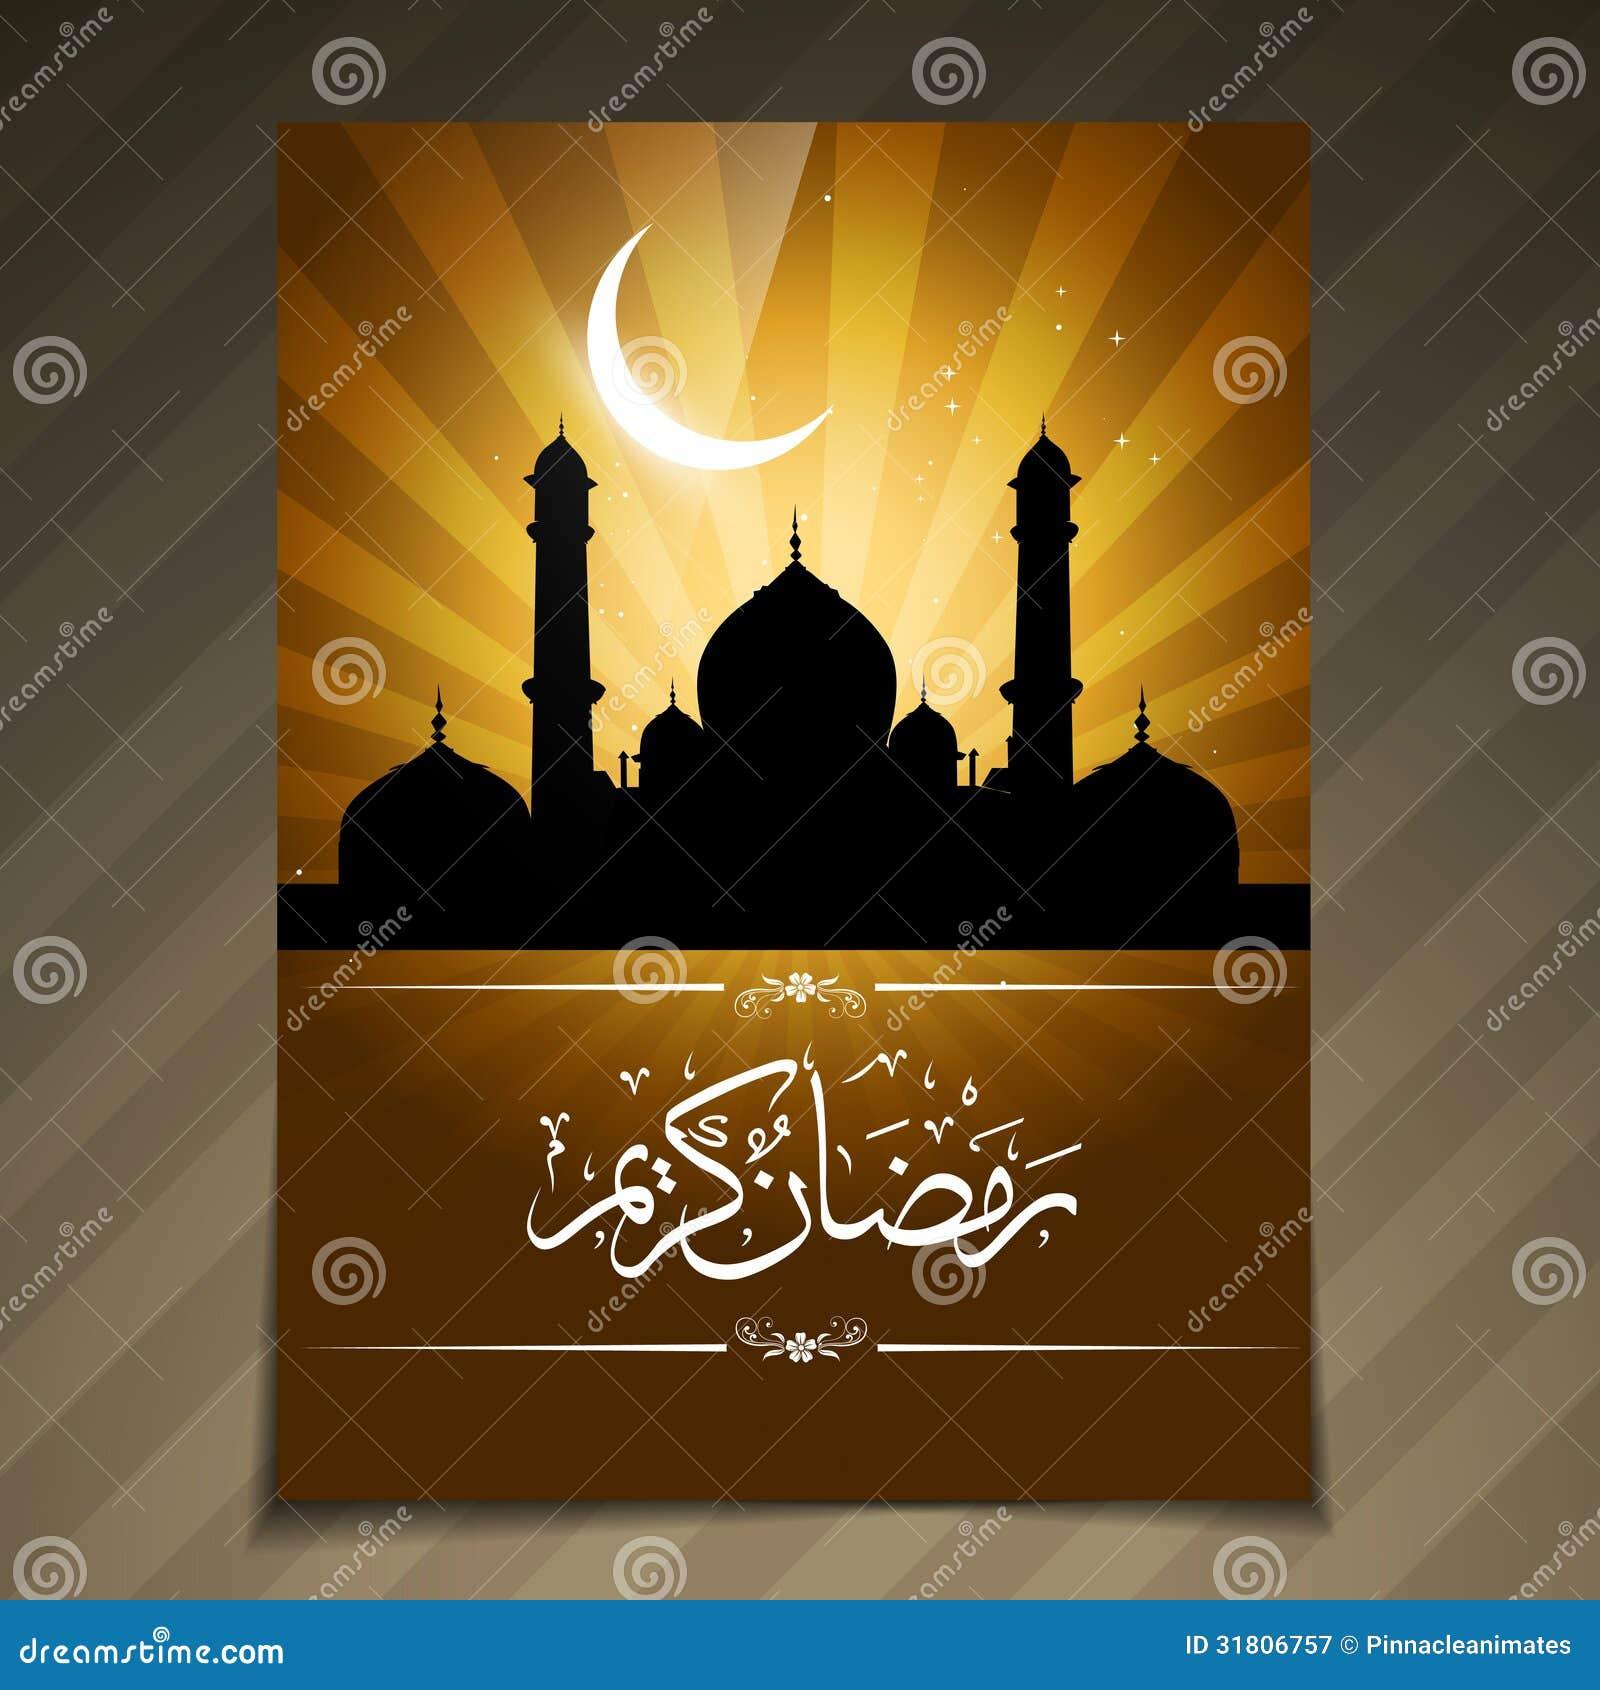 beautiful ramadan festival template royalty free stock